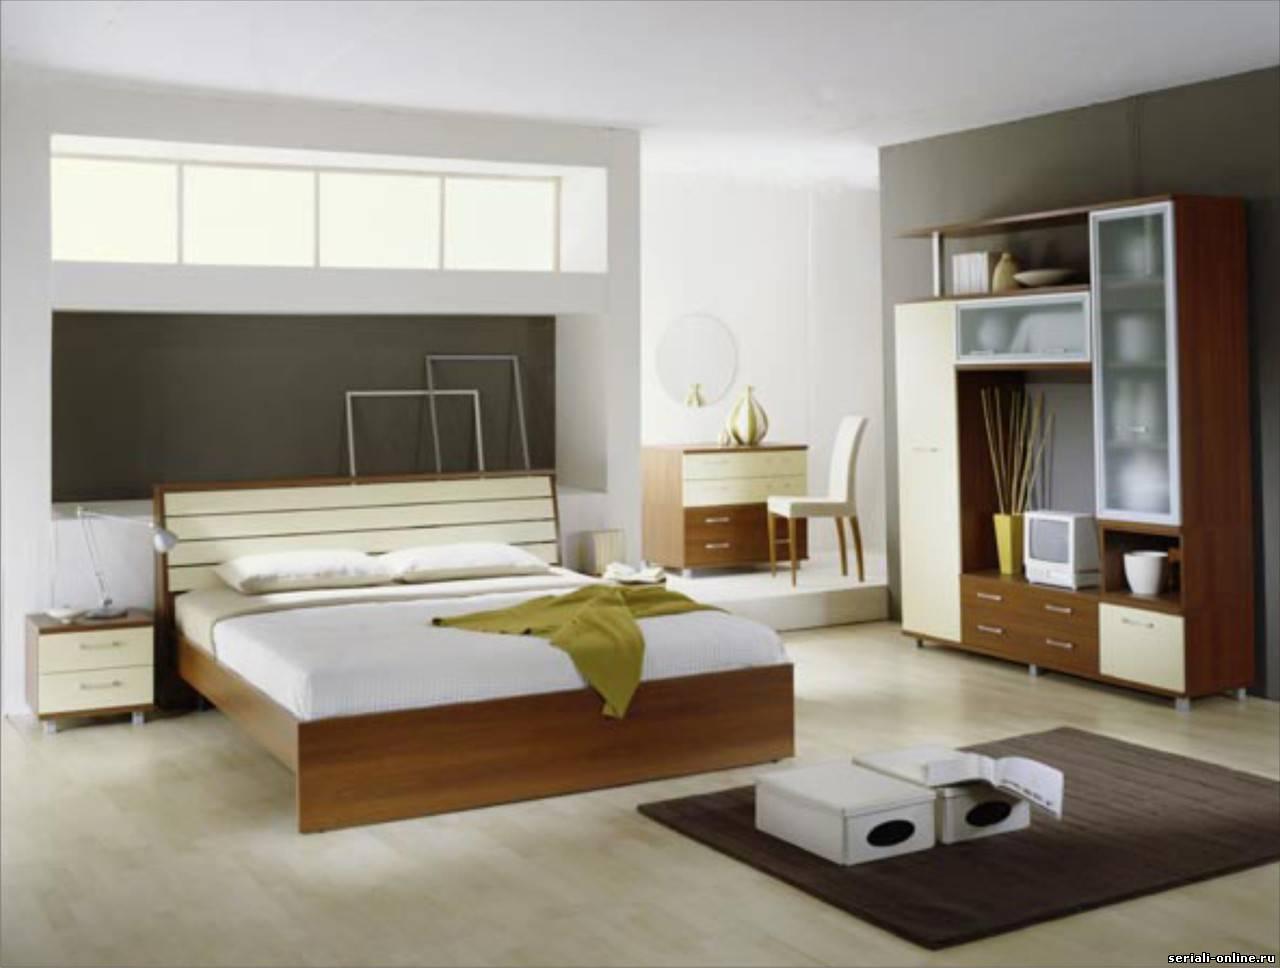 Гарнитур спальную комнату фото - спальные гарнитуры фото, оп.